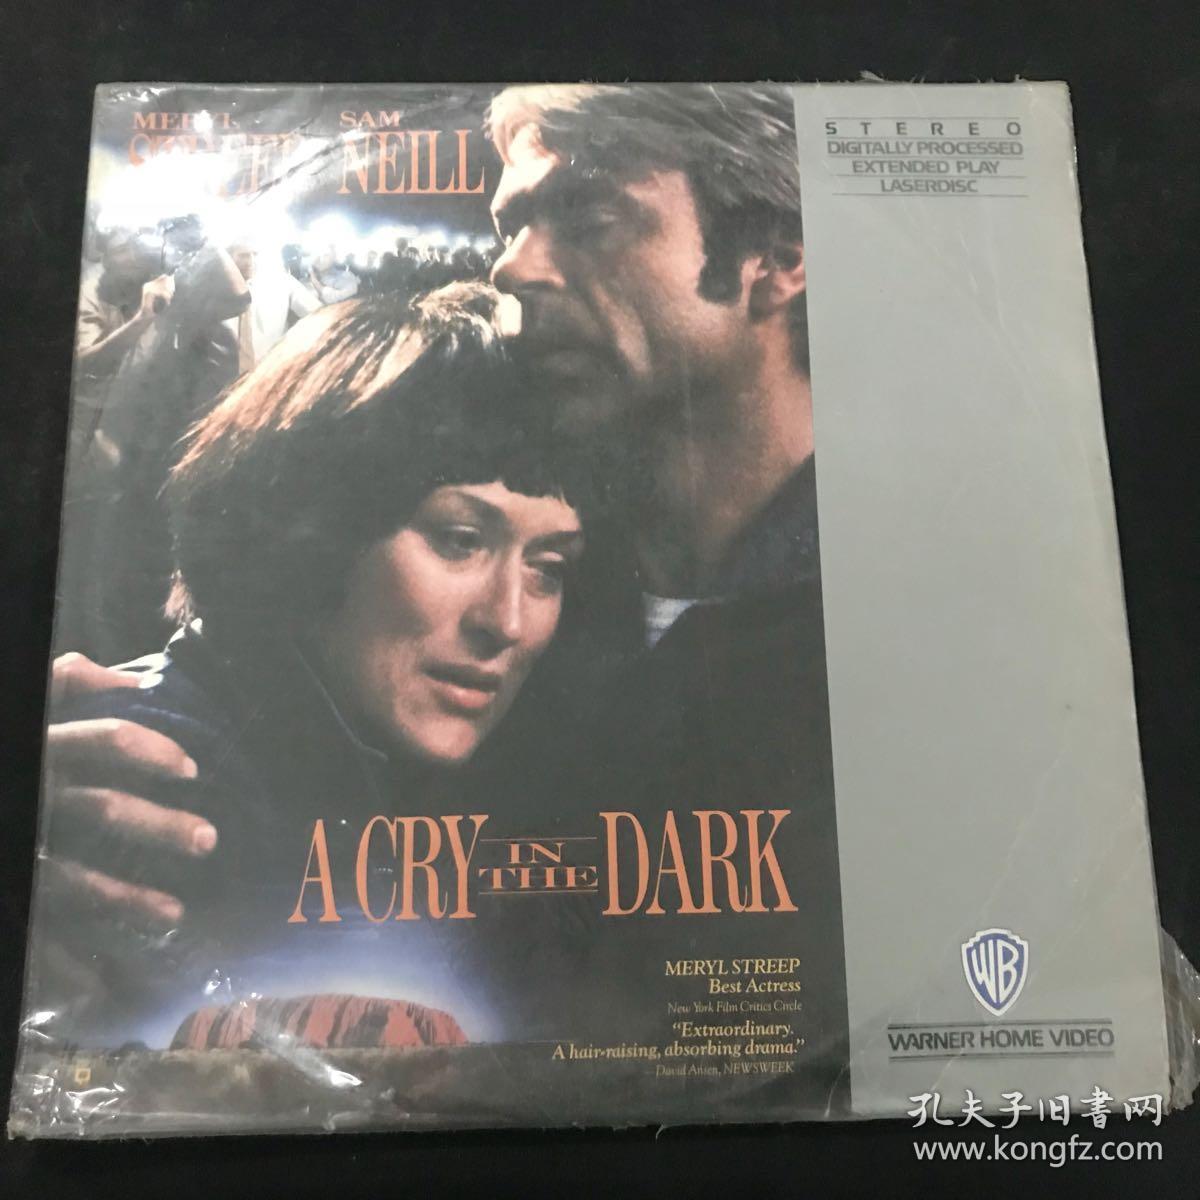 镭射影碟 A CRY IN THEDARK 内含两张镭射影碟